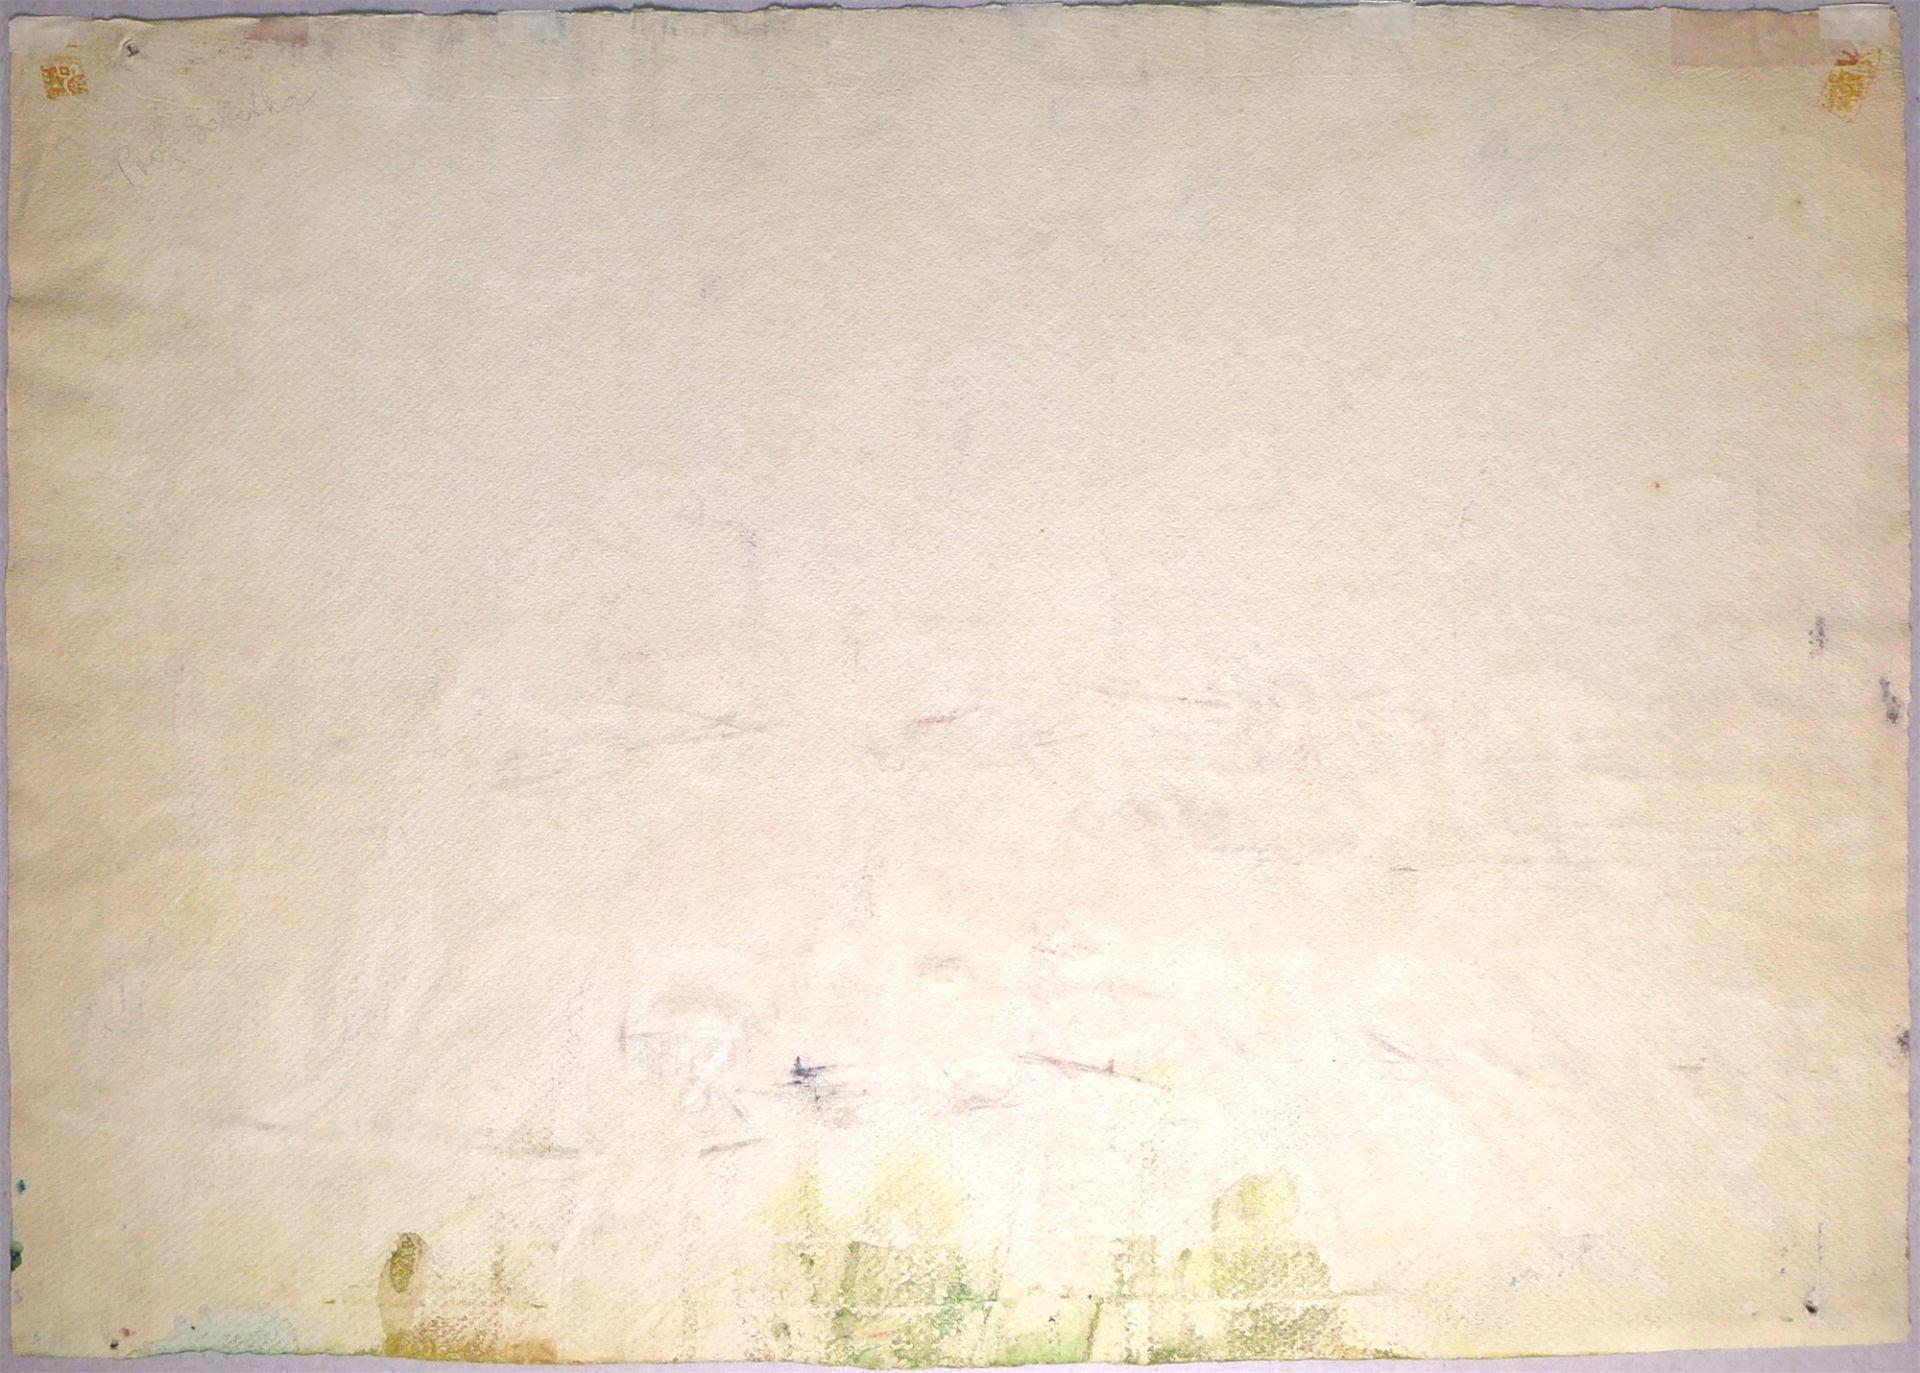 Josef Dobrowsky. River landscape. 1948 - Image 3 of 4